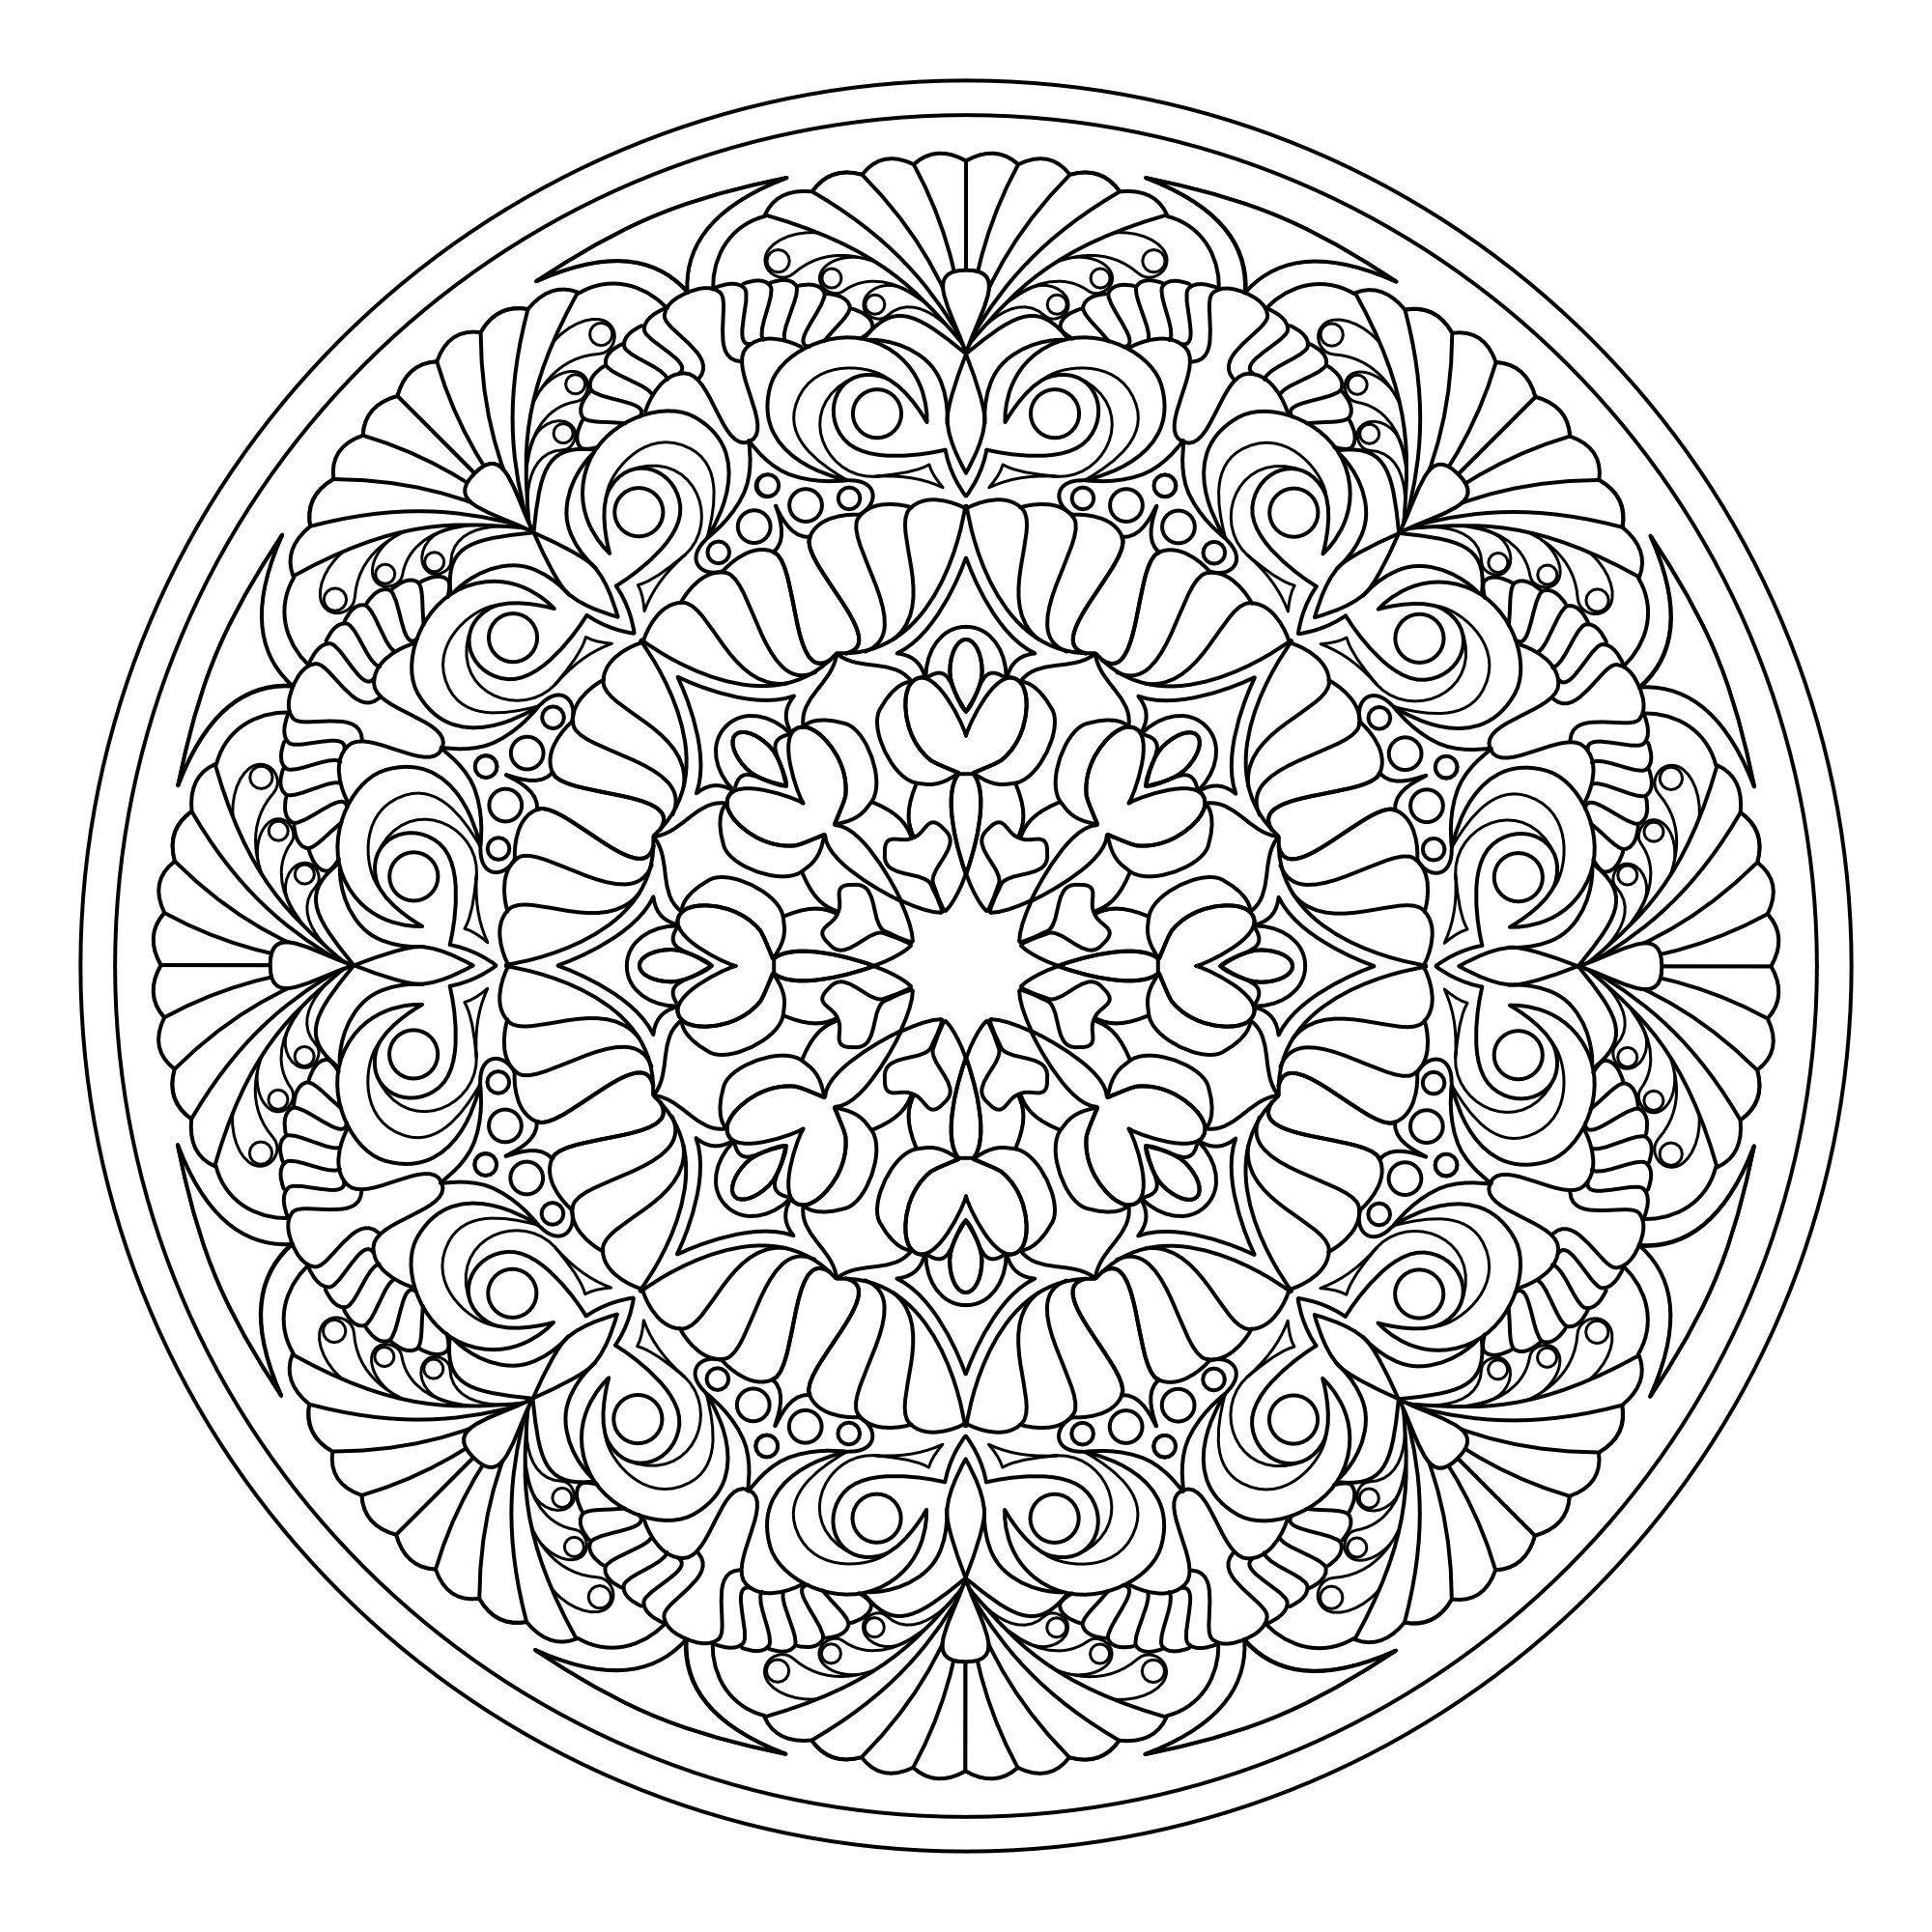 Mandala Madness Coloring Book No.7 Printable PDF Coloring ...